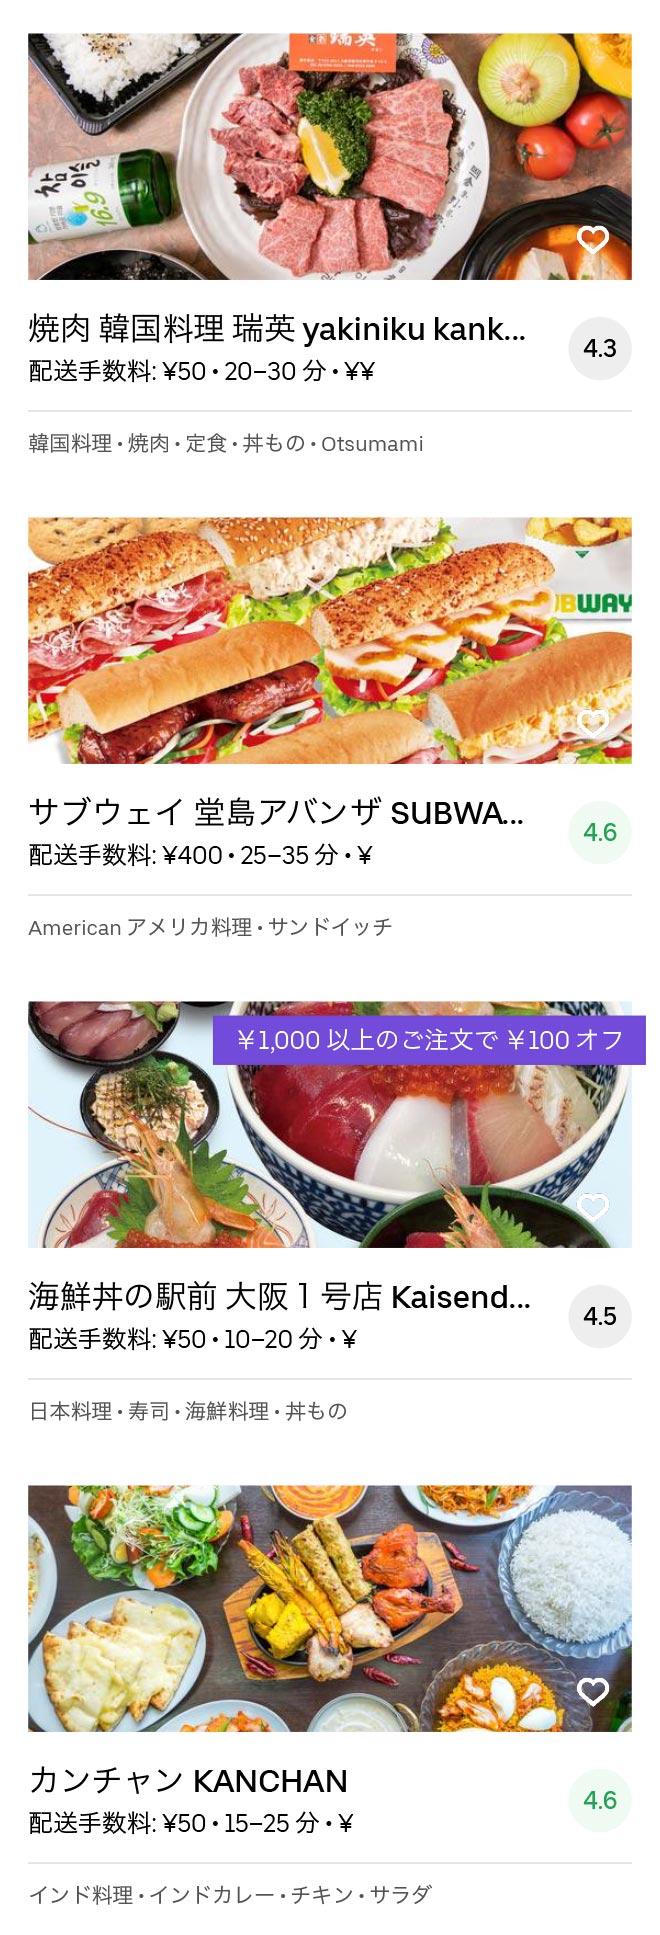 Osaka shin osaka menu 2005 07